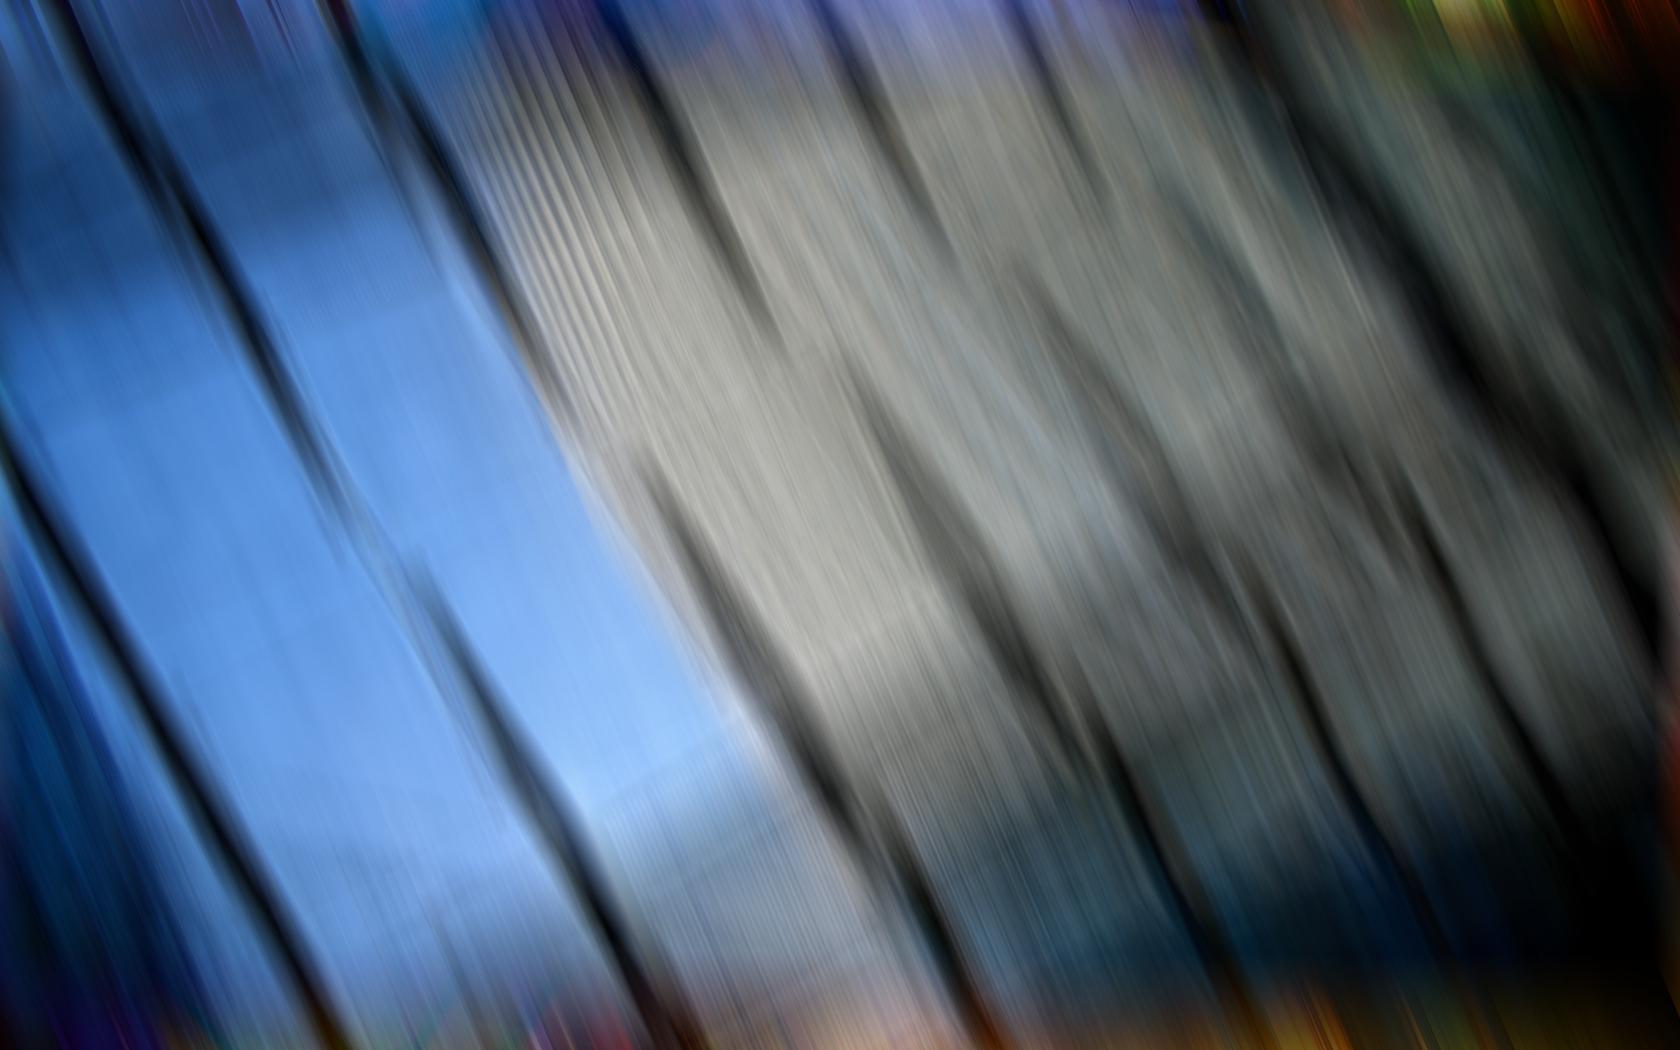 Gray and Blue Wallpaper  WallpaperSafari